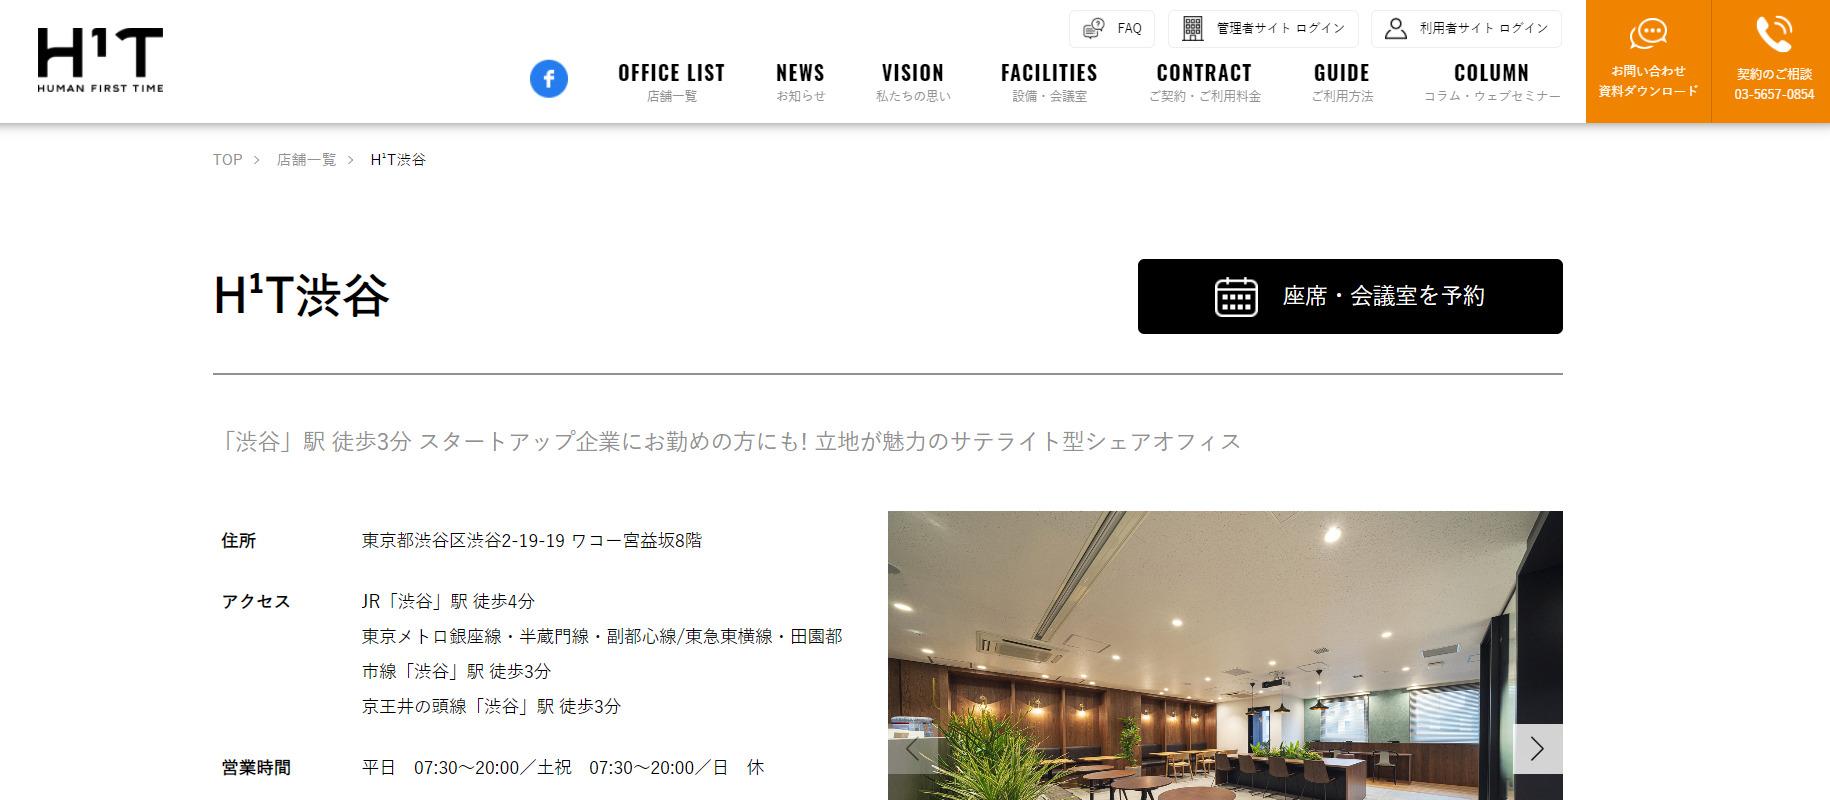 シェアオフィス エイチワンティー 渋谷